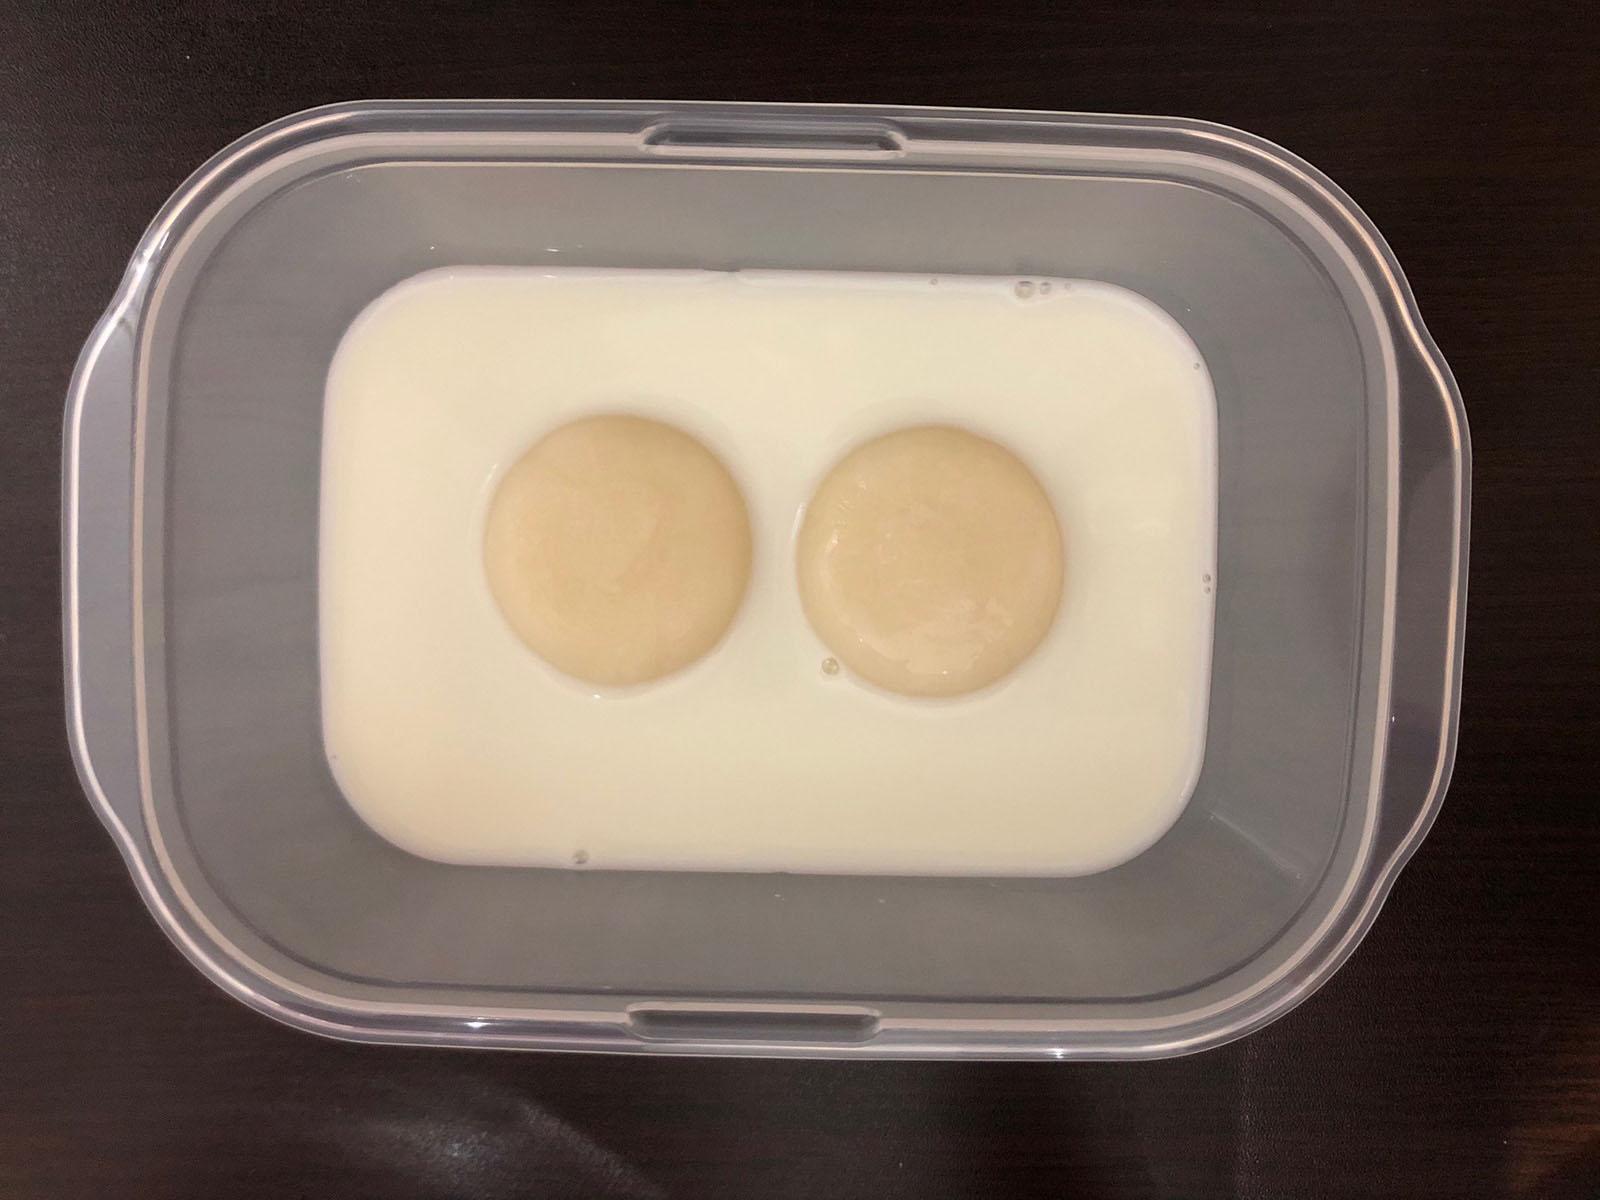 耐熱容器にお餅と牛乳を入れてラップをせず、電子レンジ(600W)で3分程度加熱してお餅がトロトロになるまでかき混ぜます。